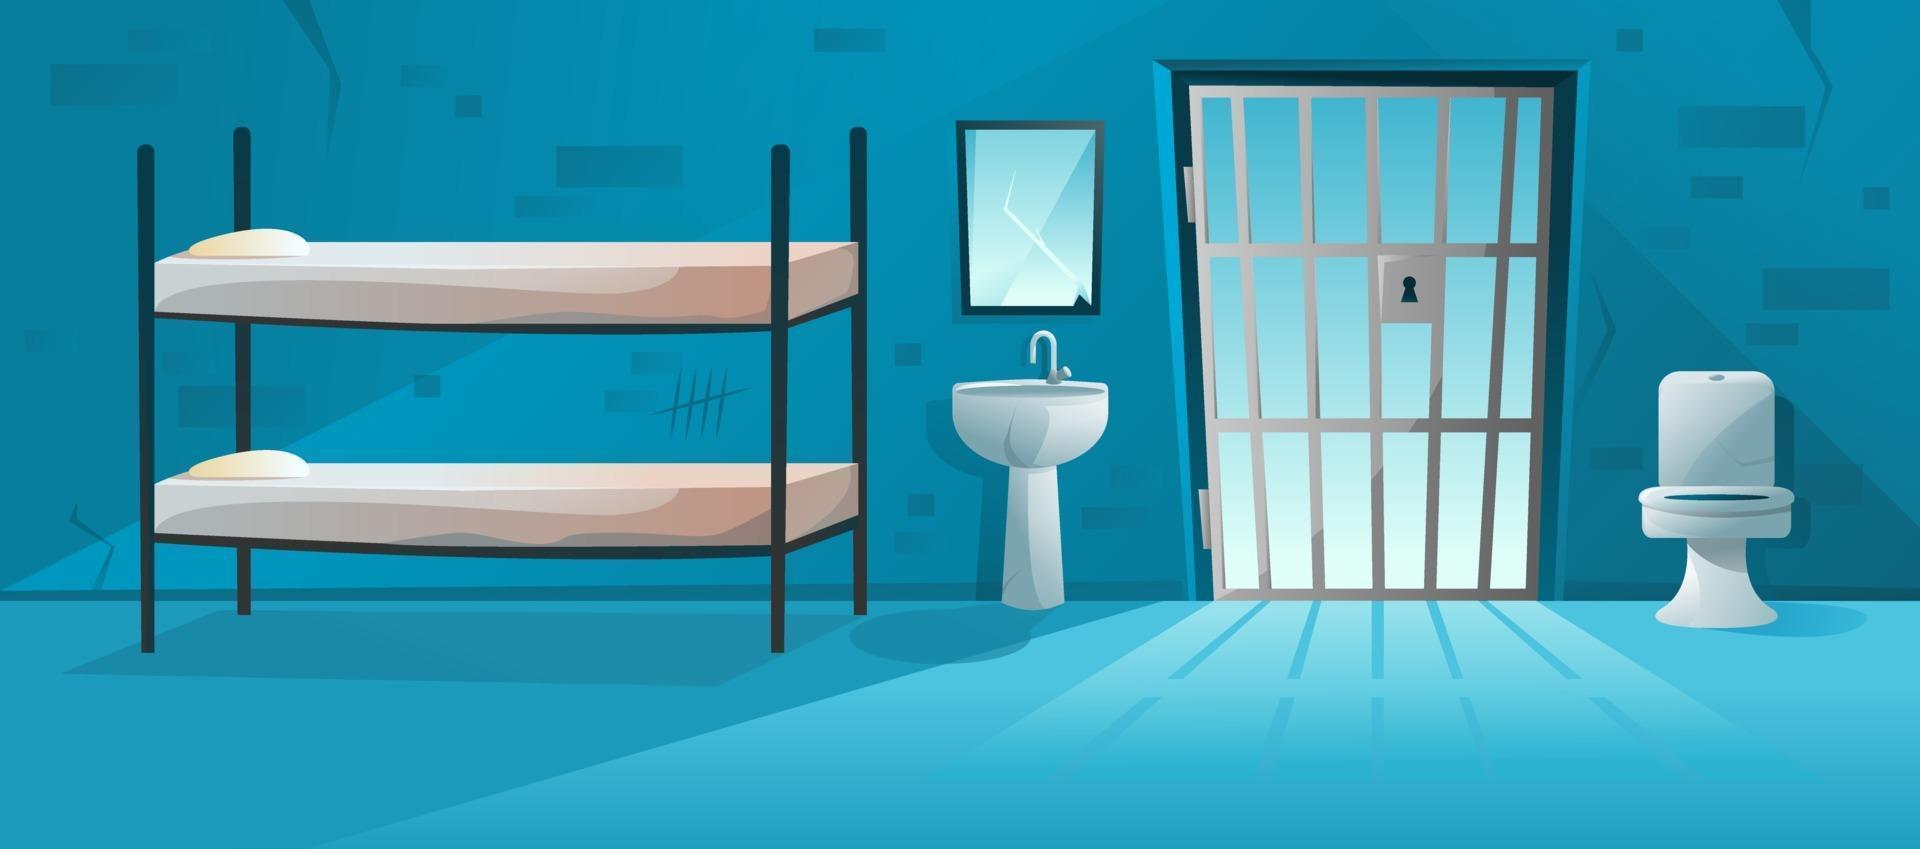 interno della cella di prigione con reticolo, porta a griglia, letto a castello, water, lavabo e illustrazione di muri di mattoni graffiati e incrinati. stanza della prigione in stile cartone animato vettore